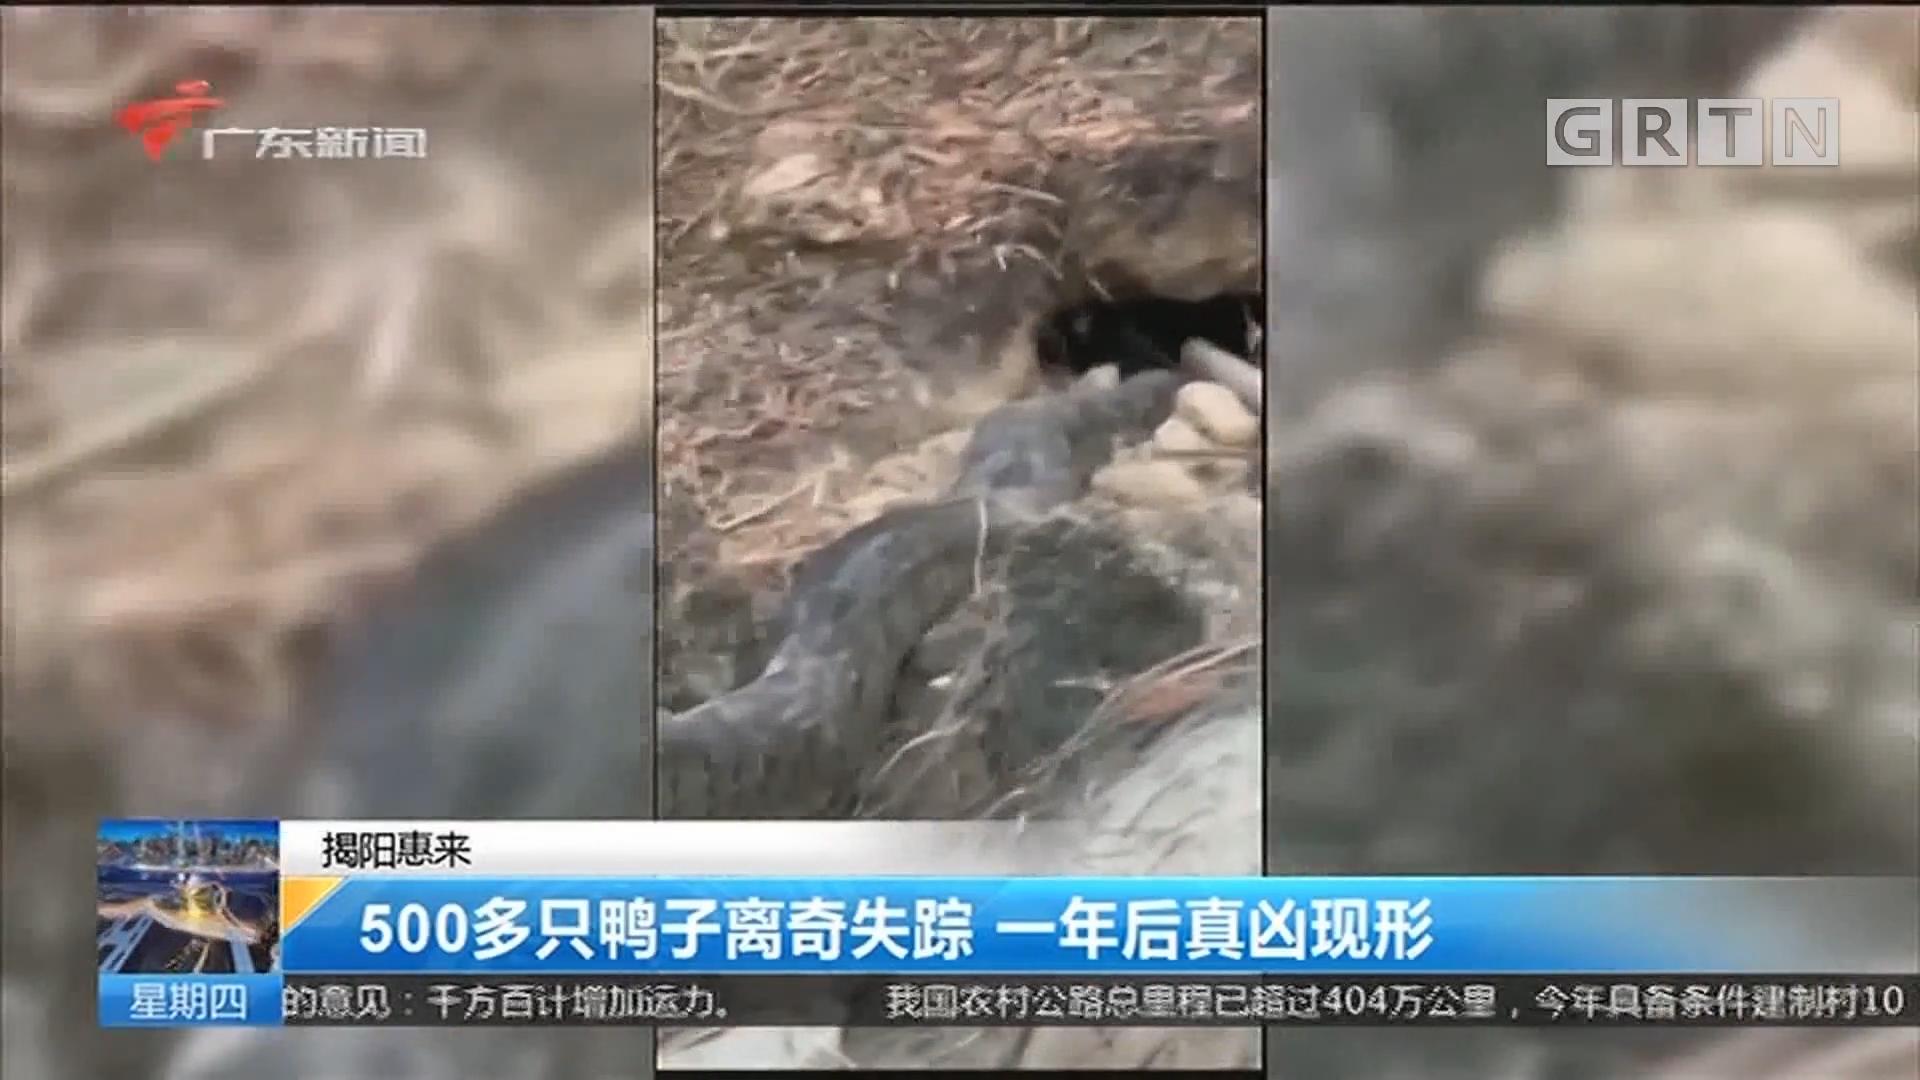 揭阳惠来 500多只鸭子离奇失踪 一年后真凶现形